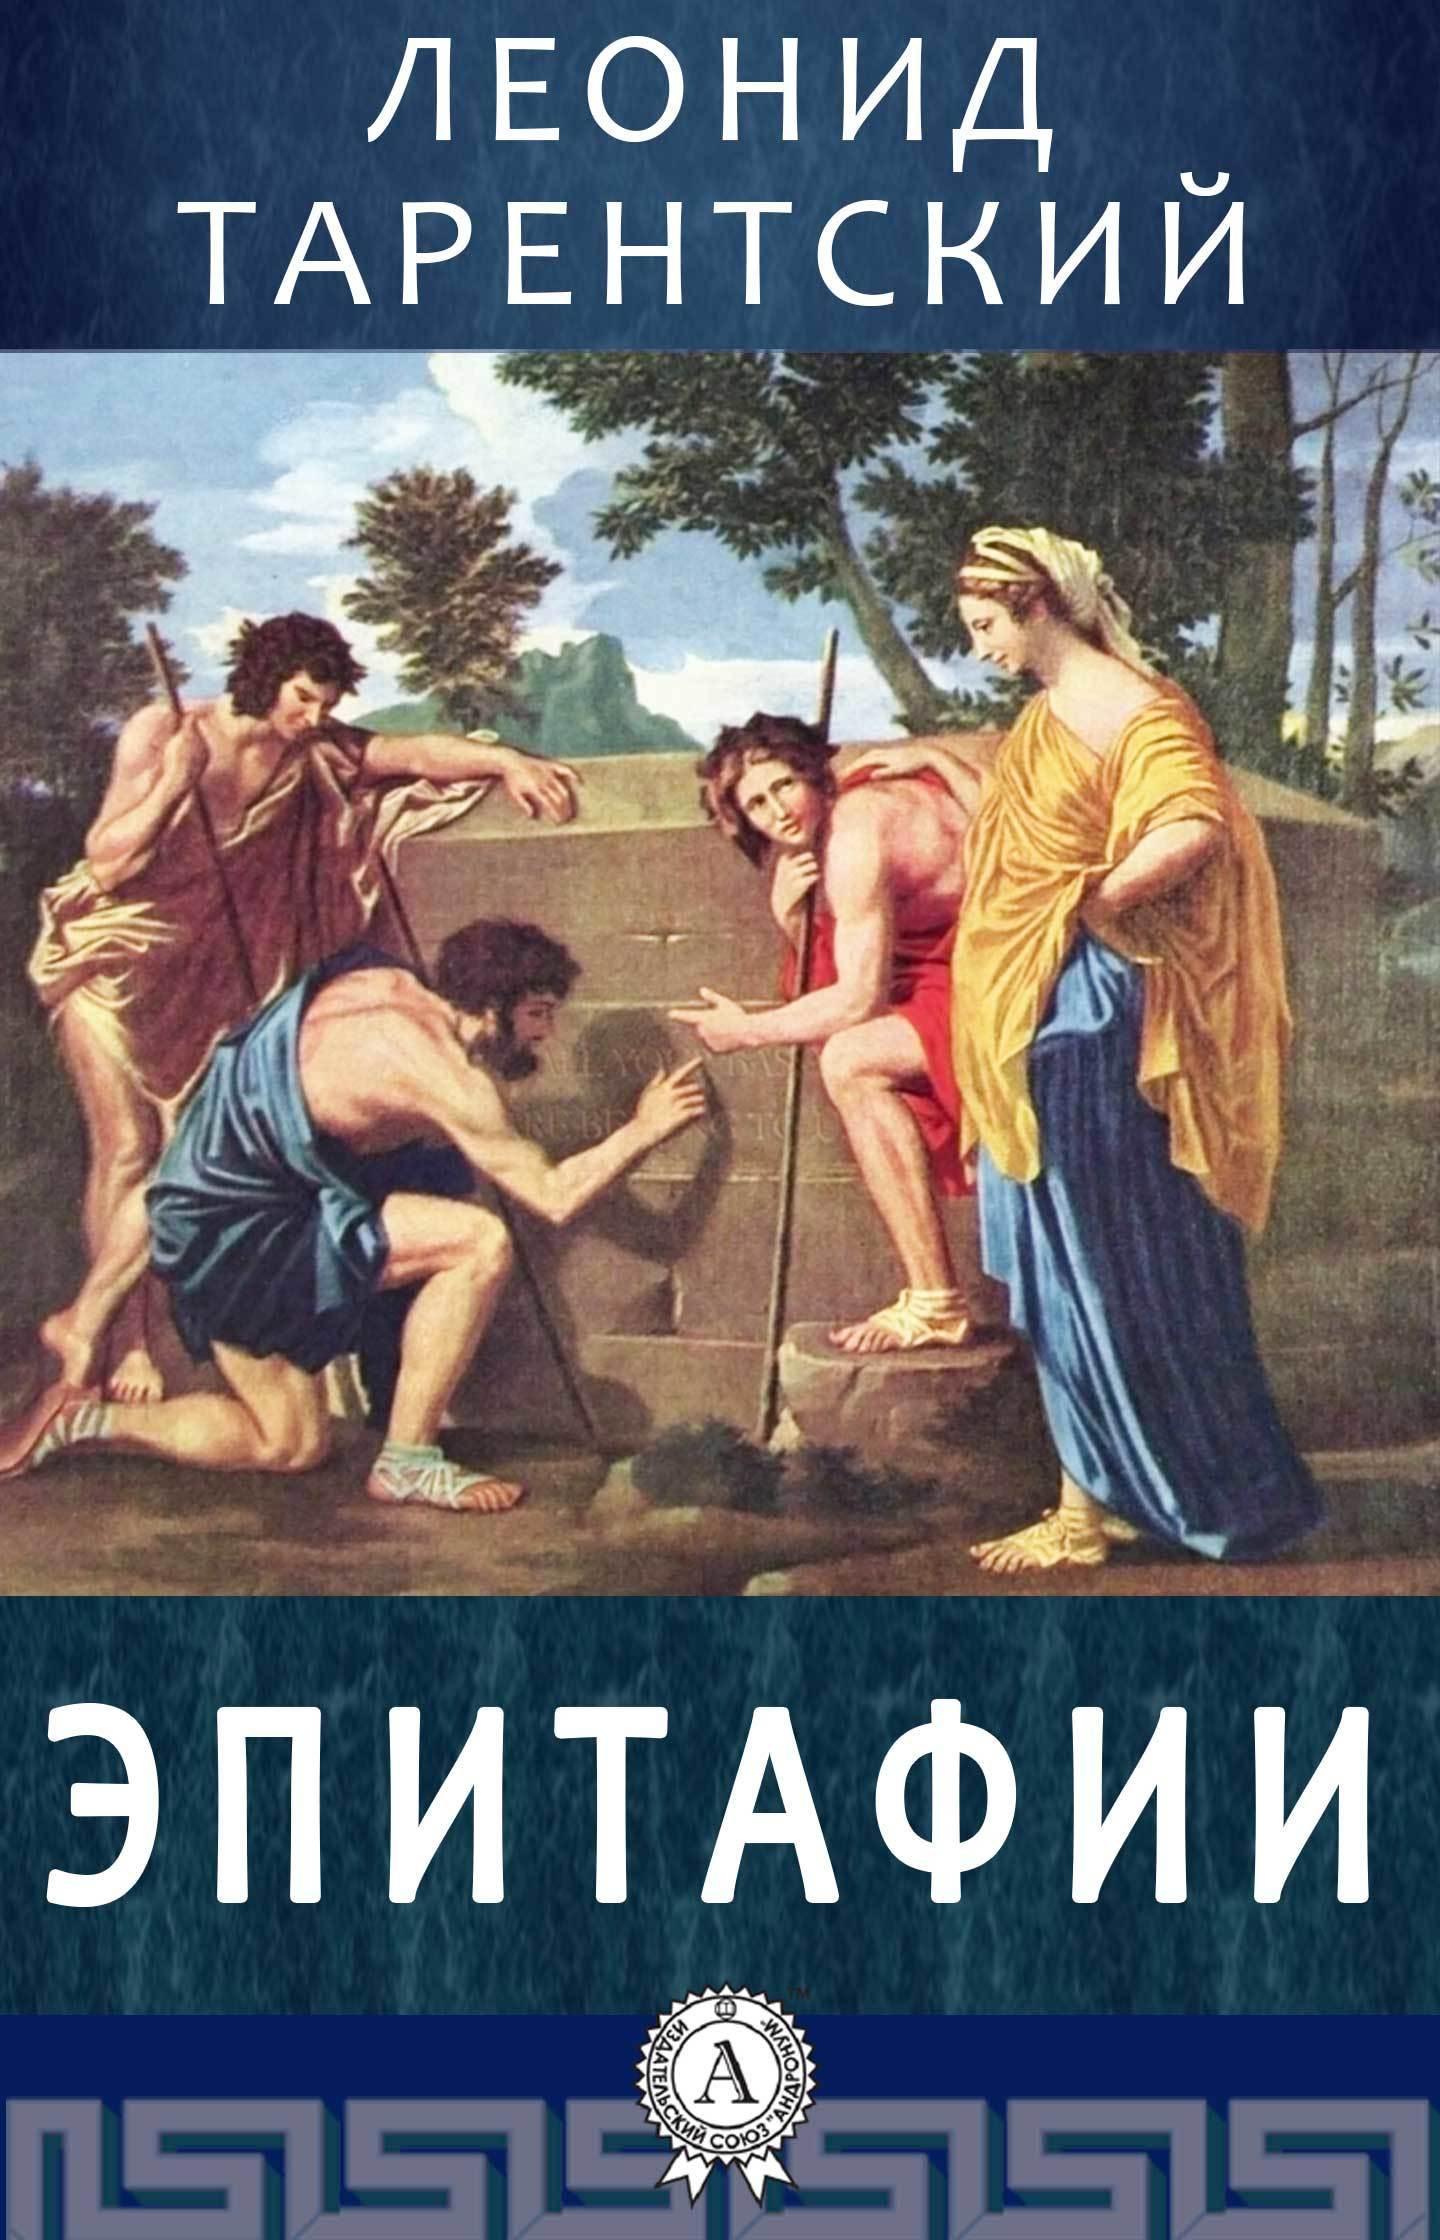 Купить книгу Эпитафии, автора Леонида Тарентского